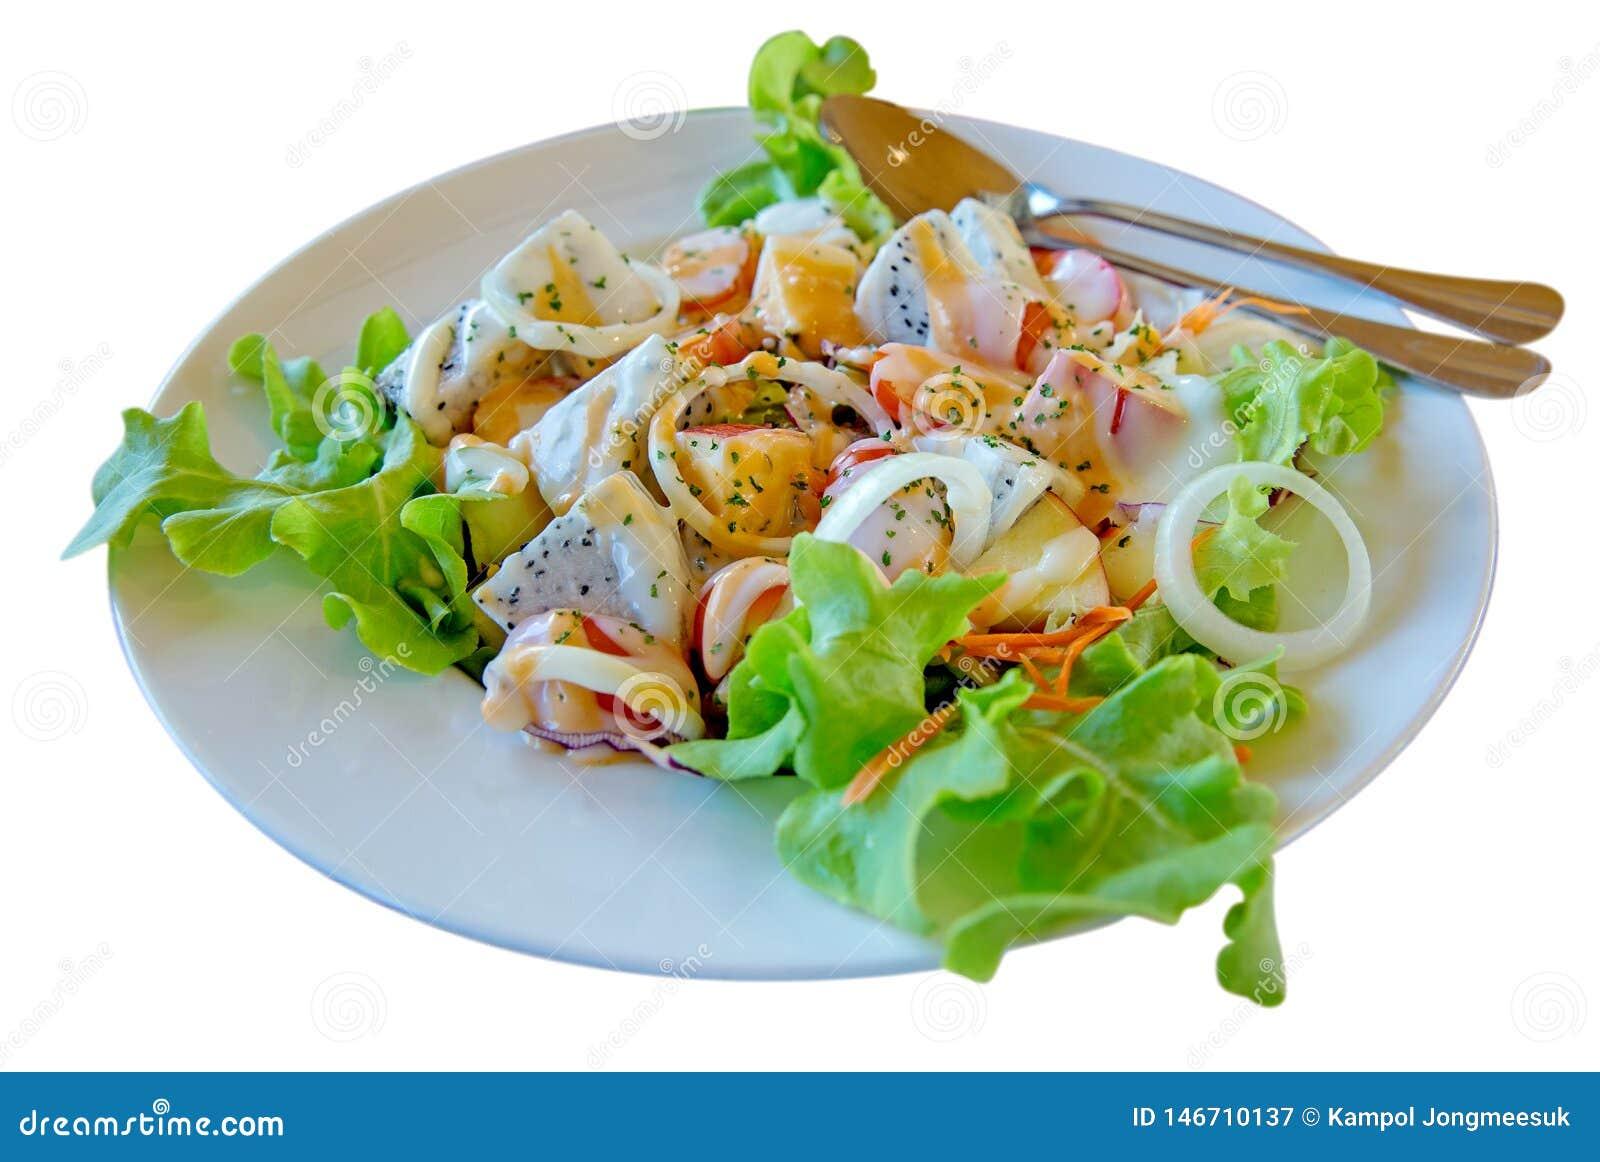 Zielonego masło sałaty warzywa i mieszanki owocowej sałatki śmietanka, skupia się selekcyjnego